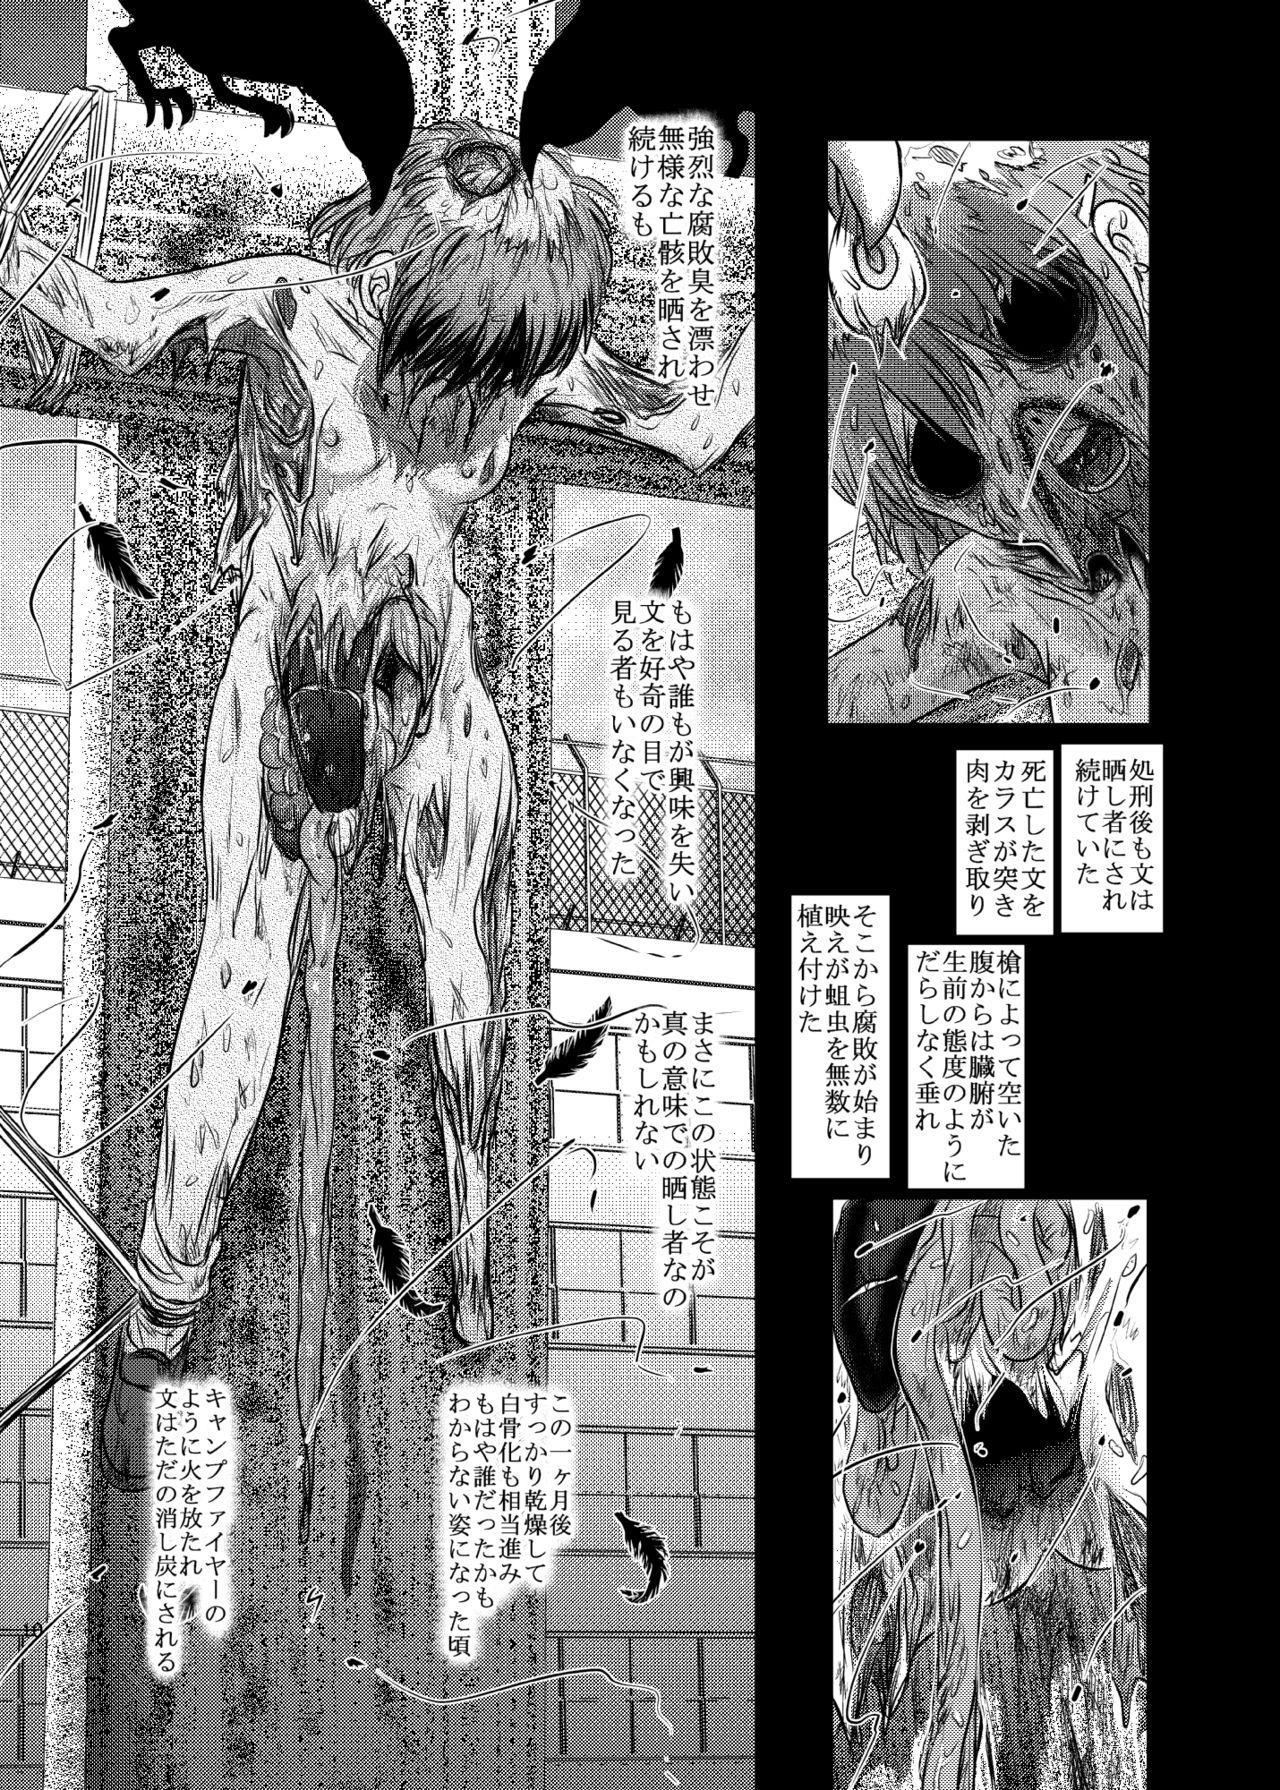 [Uzigaya (Uziga Waita)] Dokudoku vol. 16 Shi-kei Shi-kkou [Digital] 8